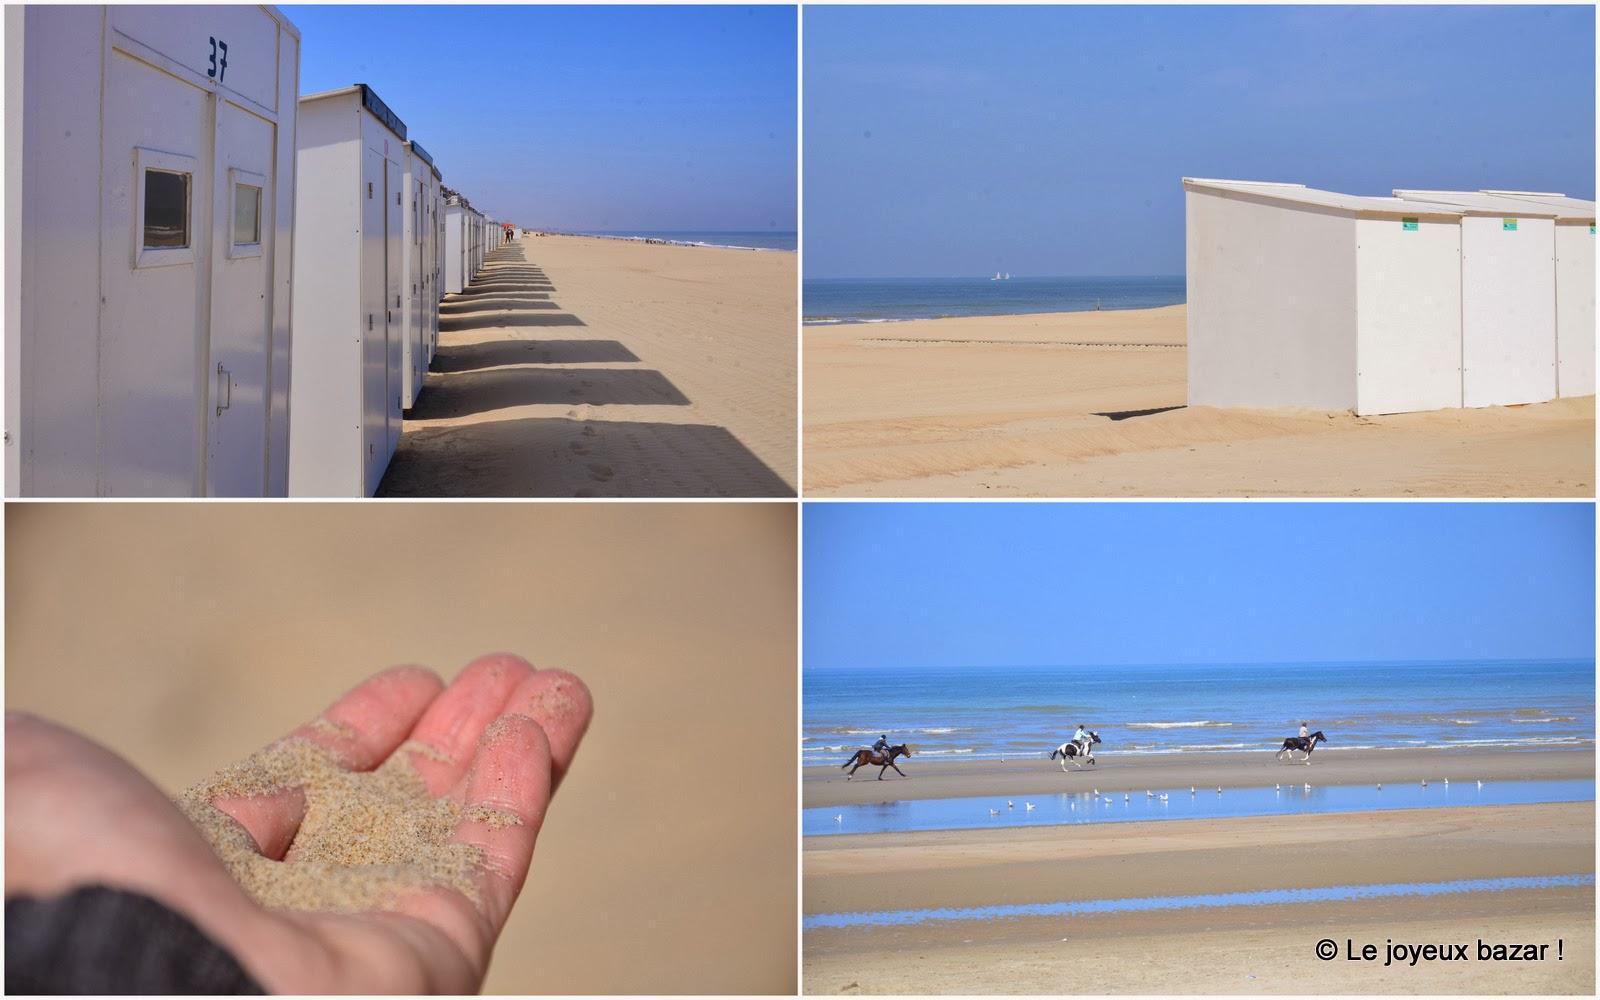 http://joyeuxbazar.blogspot.fr/2013/04/la-belgique-sous-le-soleil.html